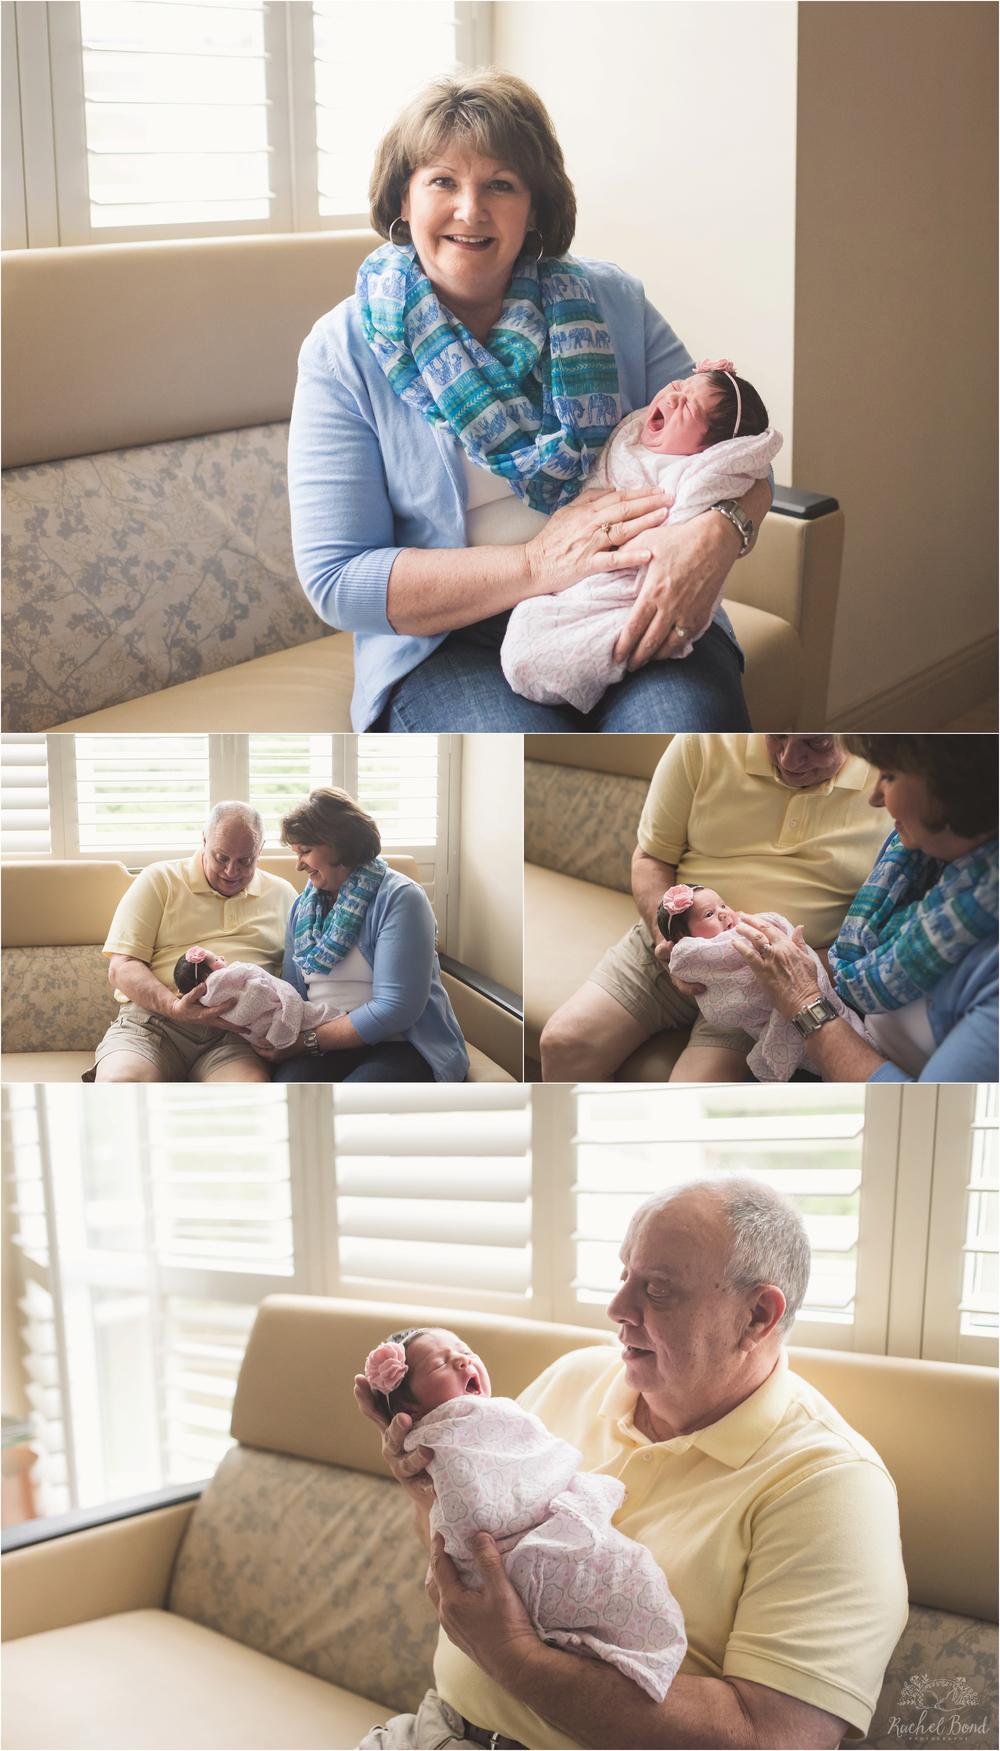 Leighton Fresh 48 - Birmingham AL Newborn Photographer - rachelbondphotography.com-87.jpg